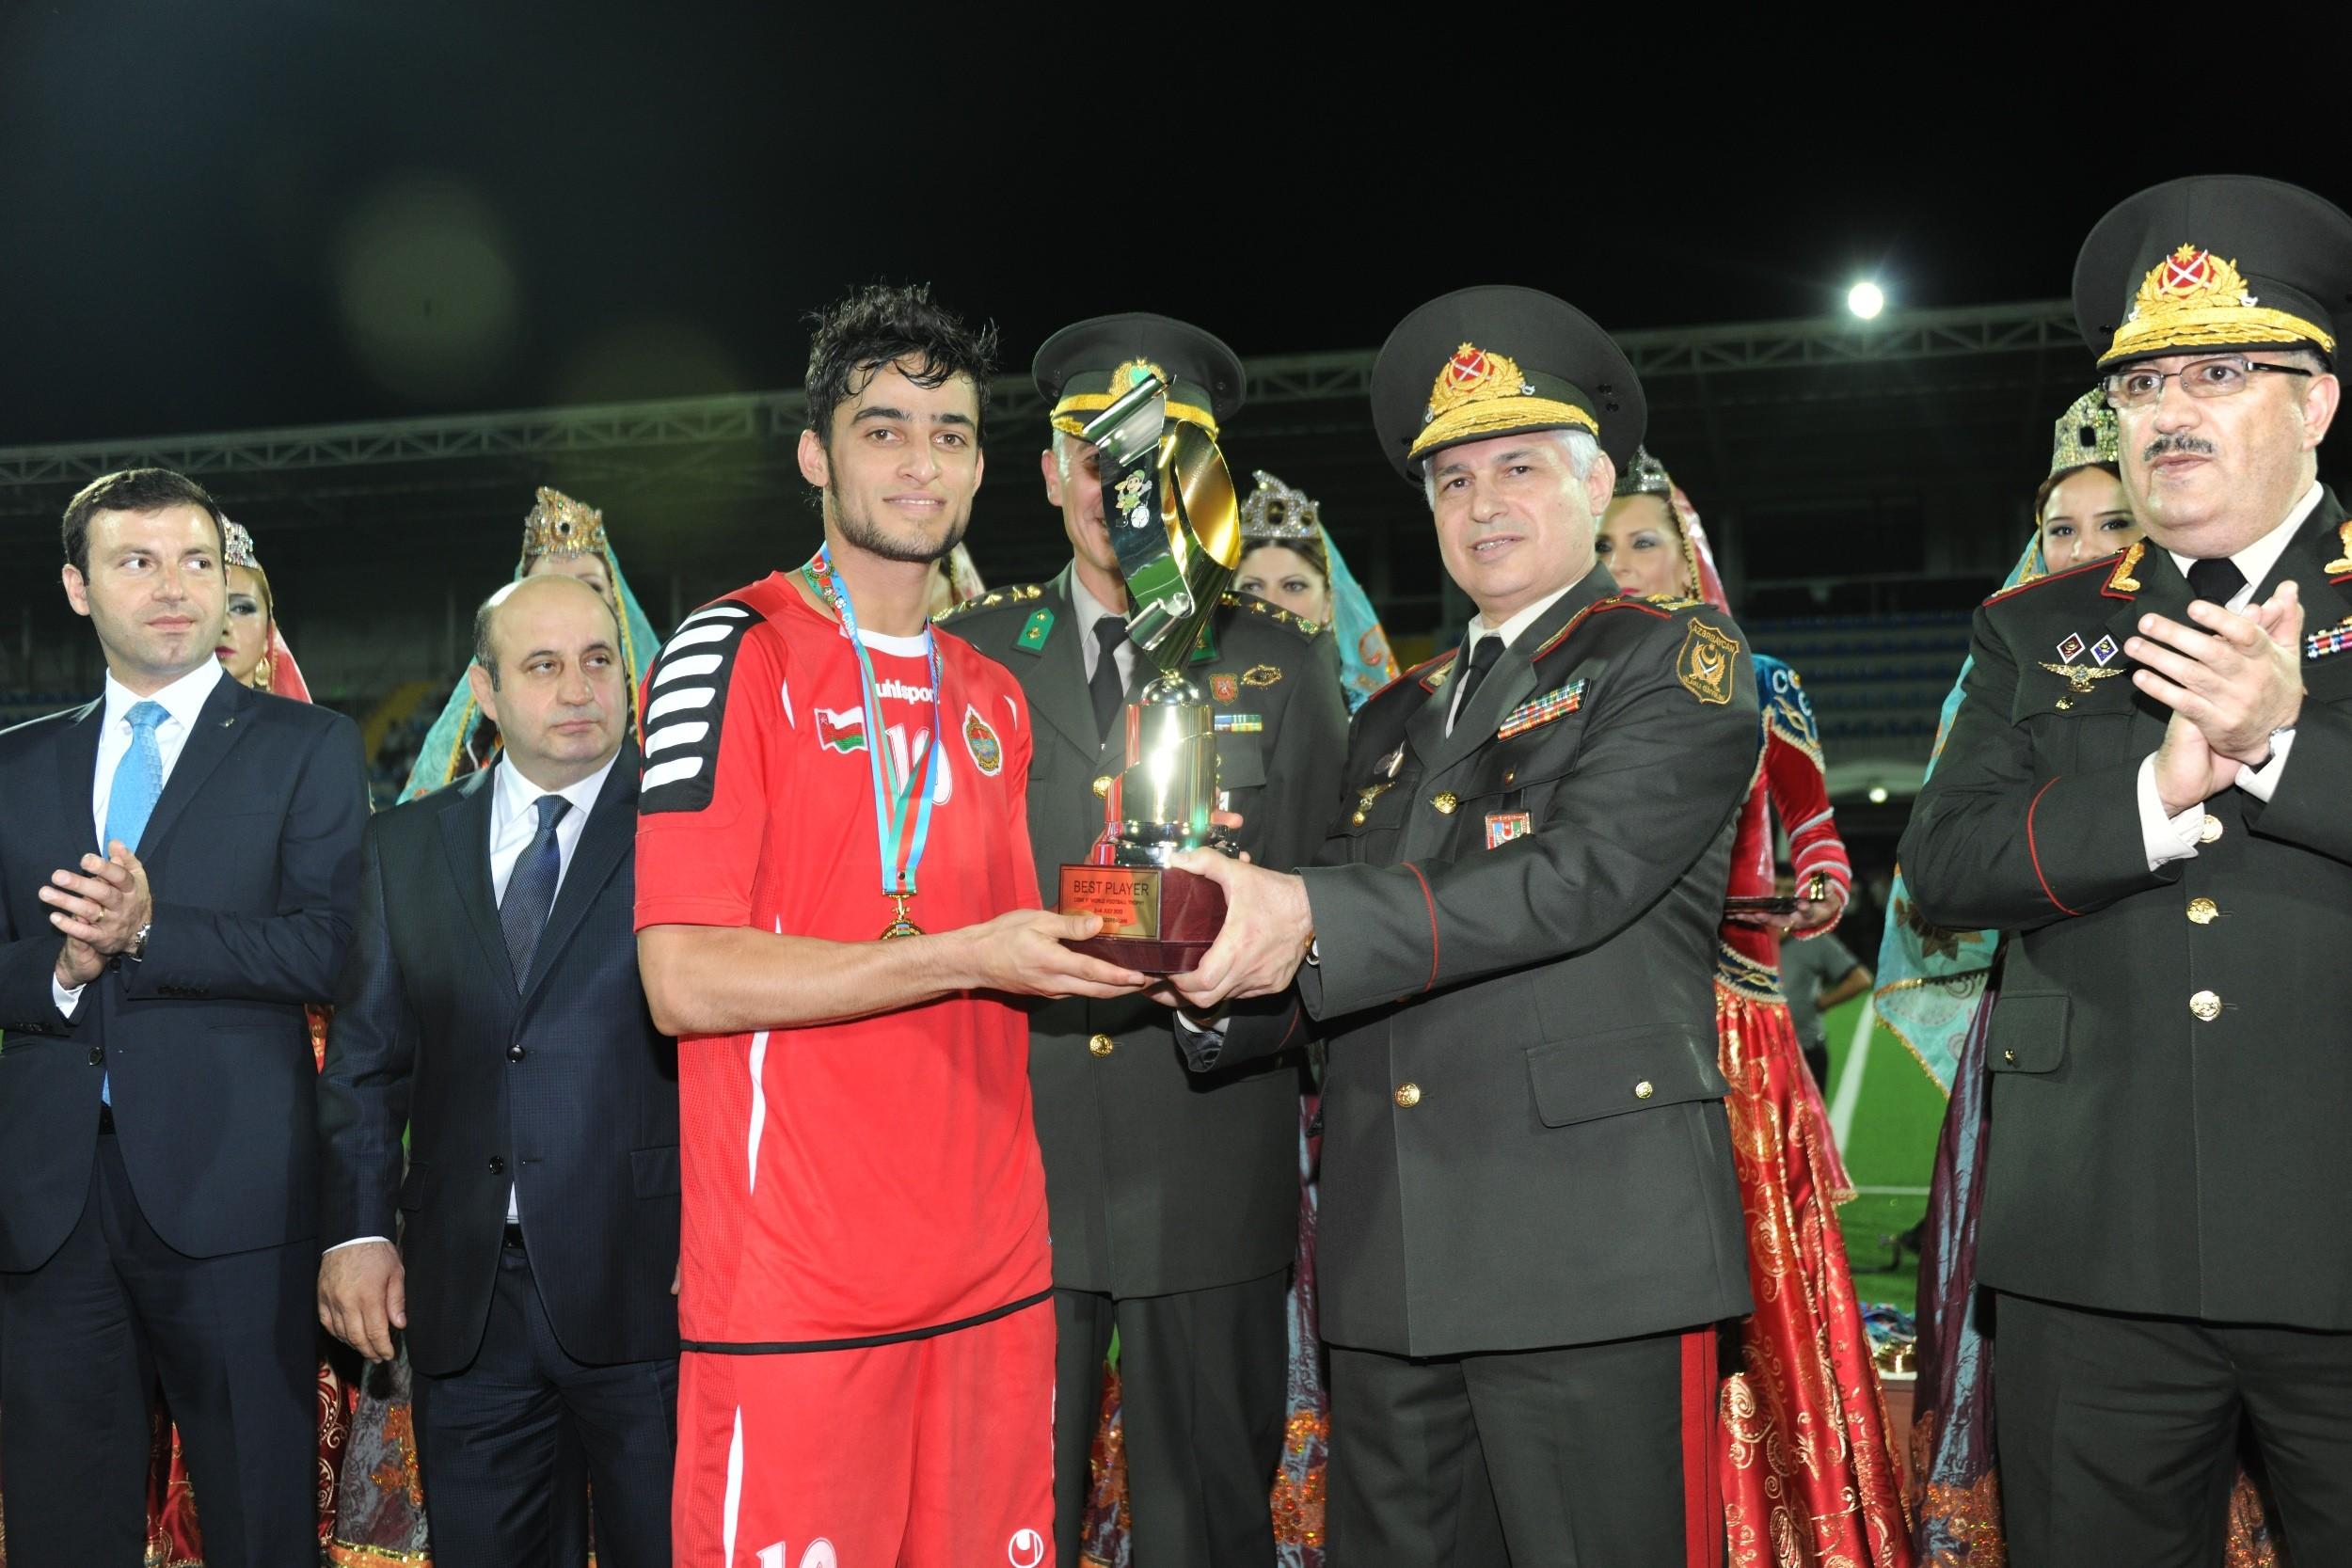 سلطنة عمان تفوز باستضافة كأس العالم العسكري 2017